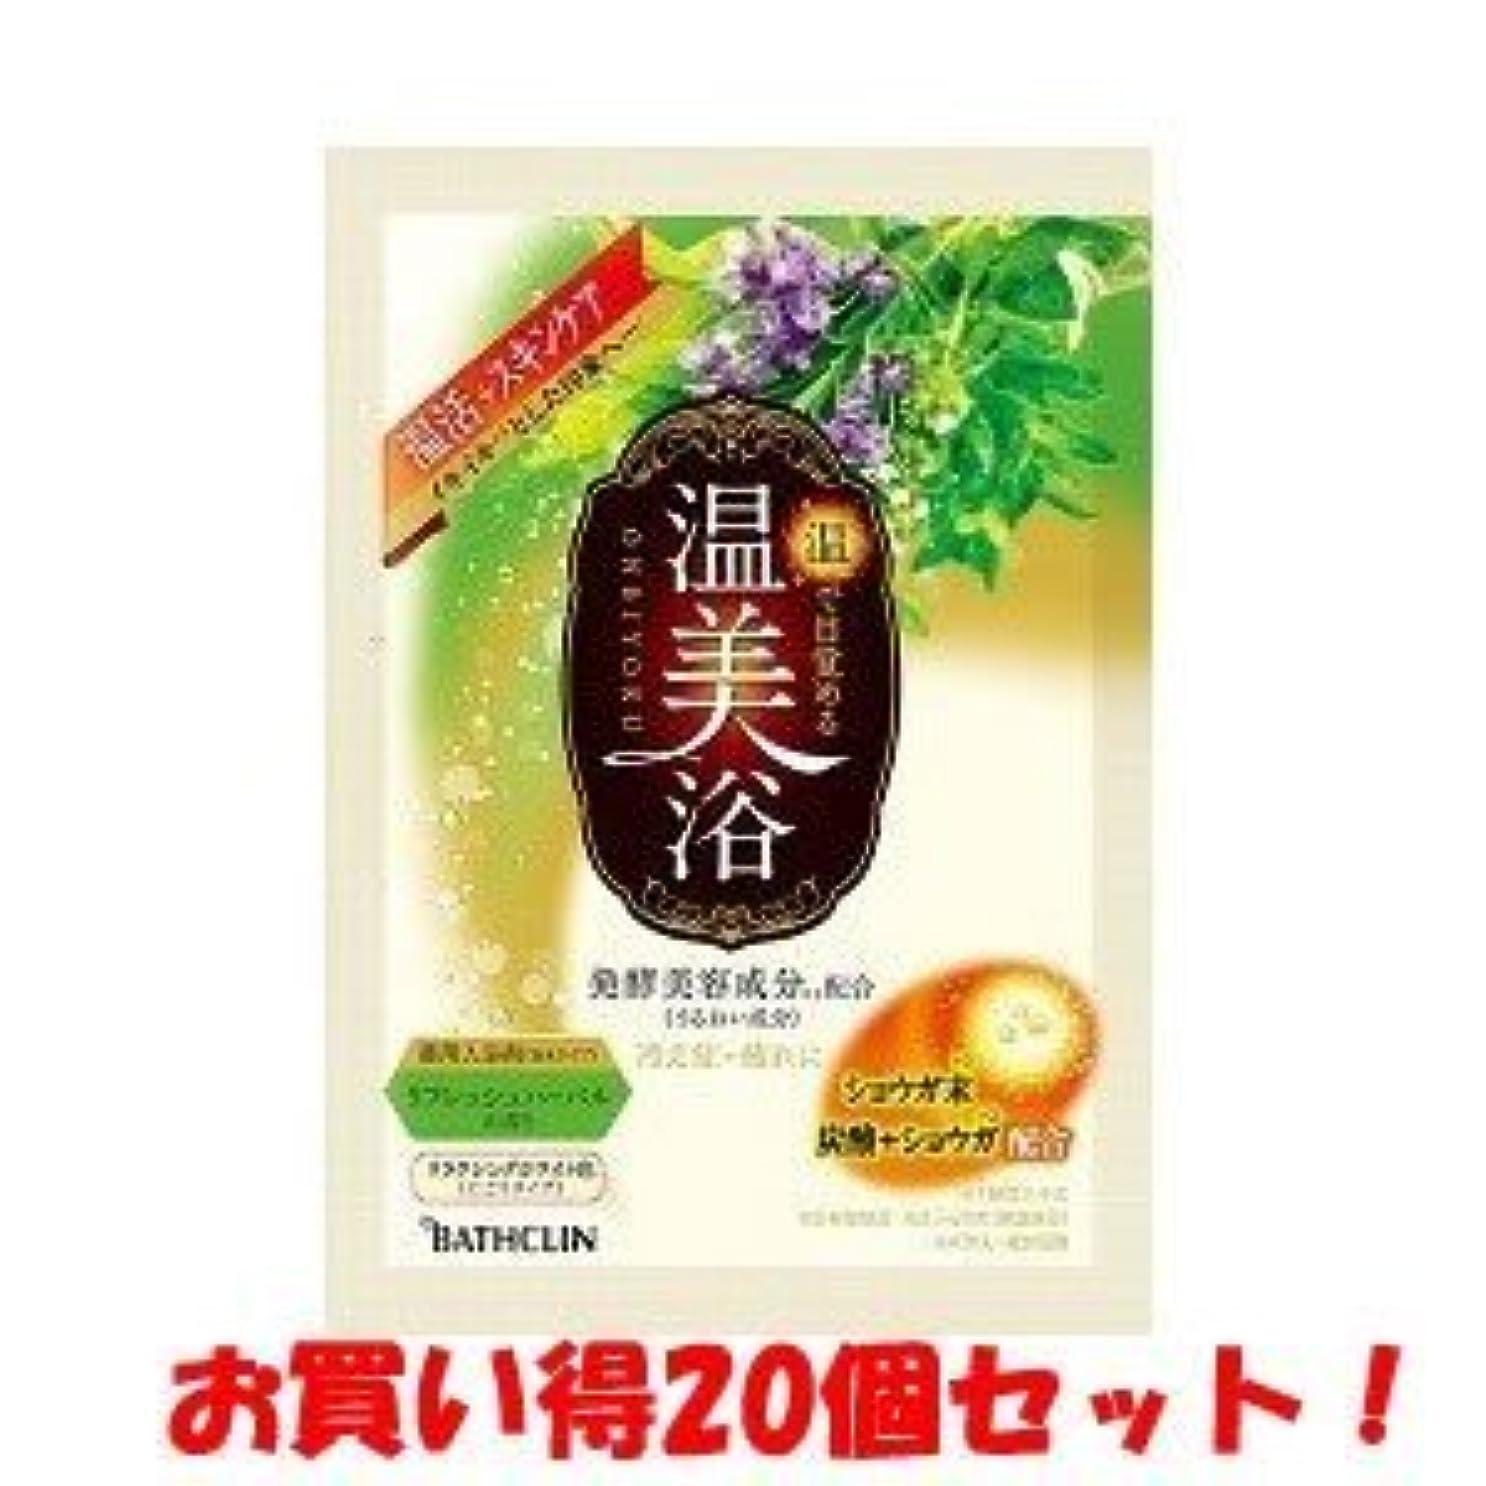 層書く発表する(バスクリン)温美浴 リフレッシュハーバルの香り 40g(医薬部外品)(お買い得20個セット)